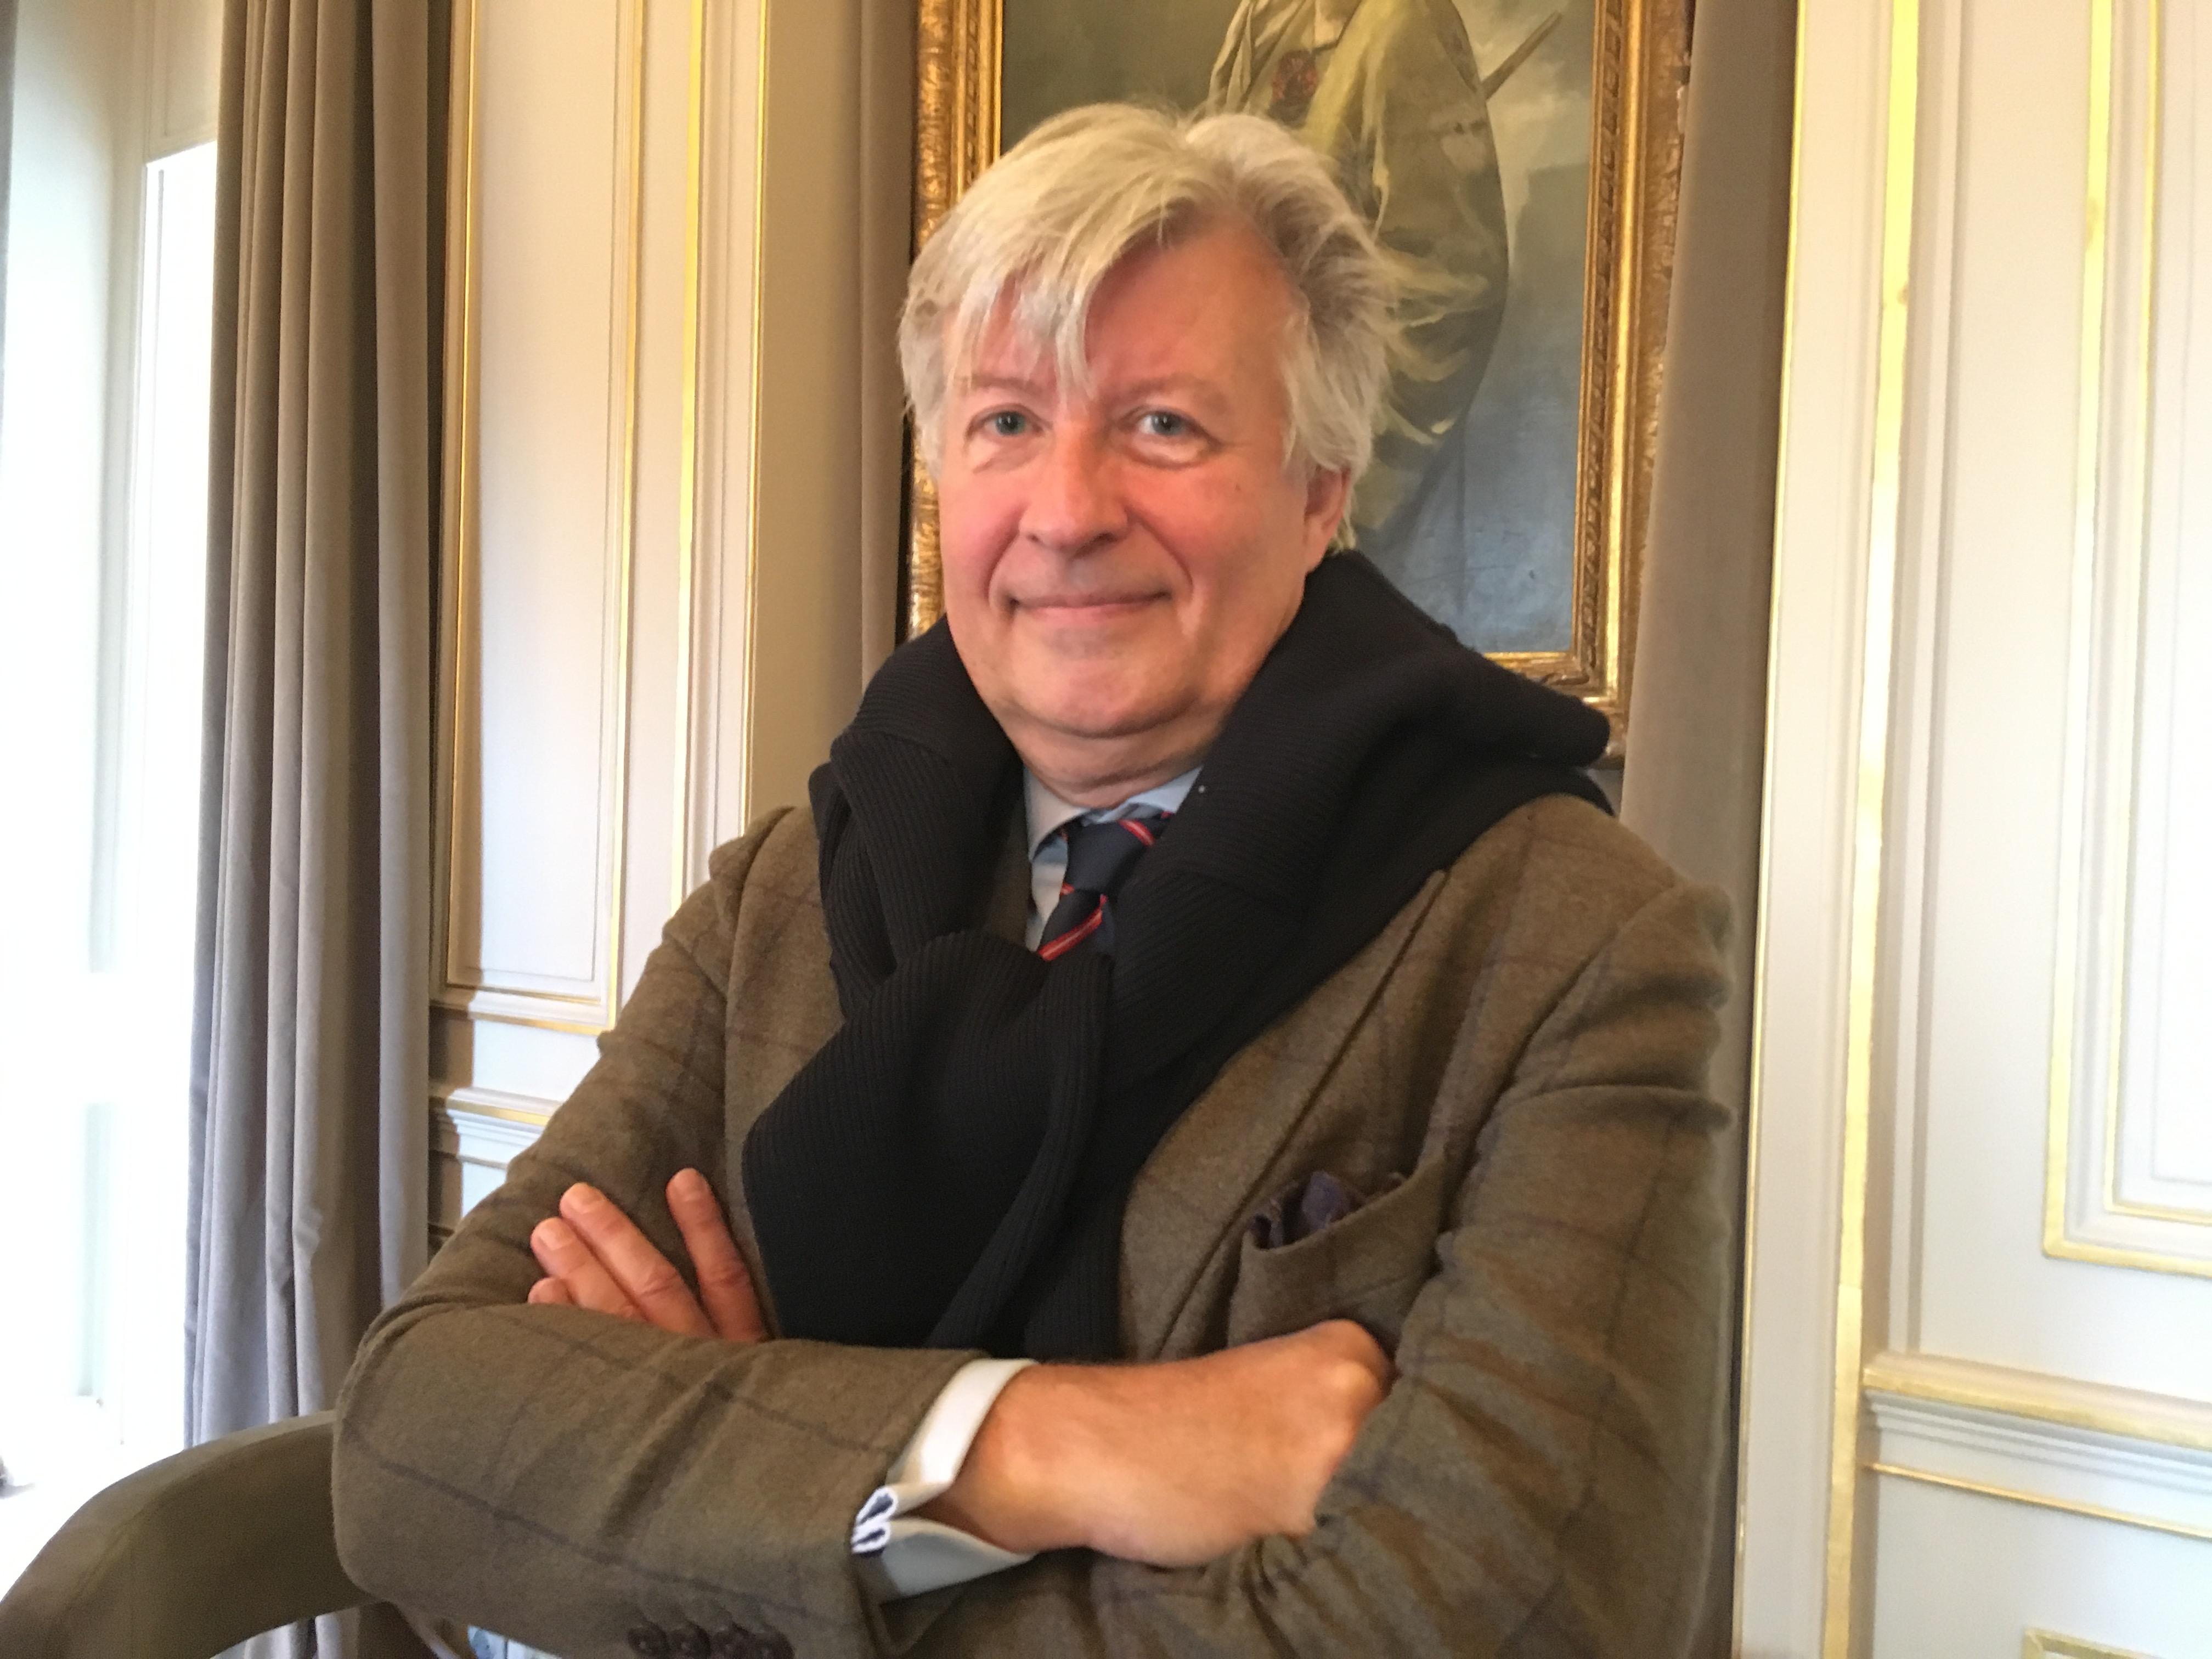 Hervé Tribot La Spière, PDG d'Explorator. - CL